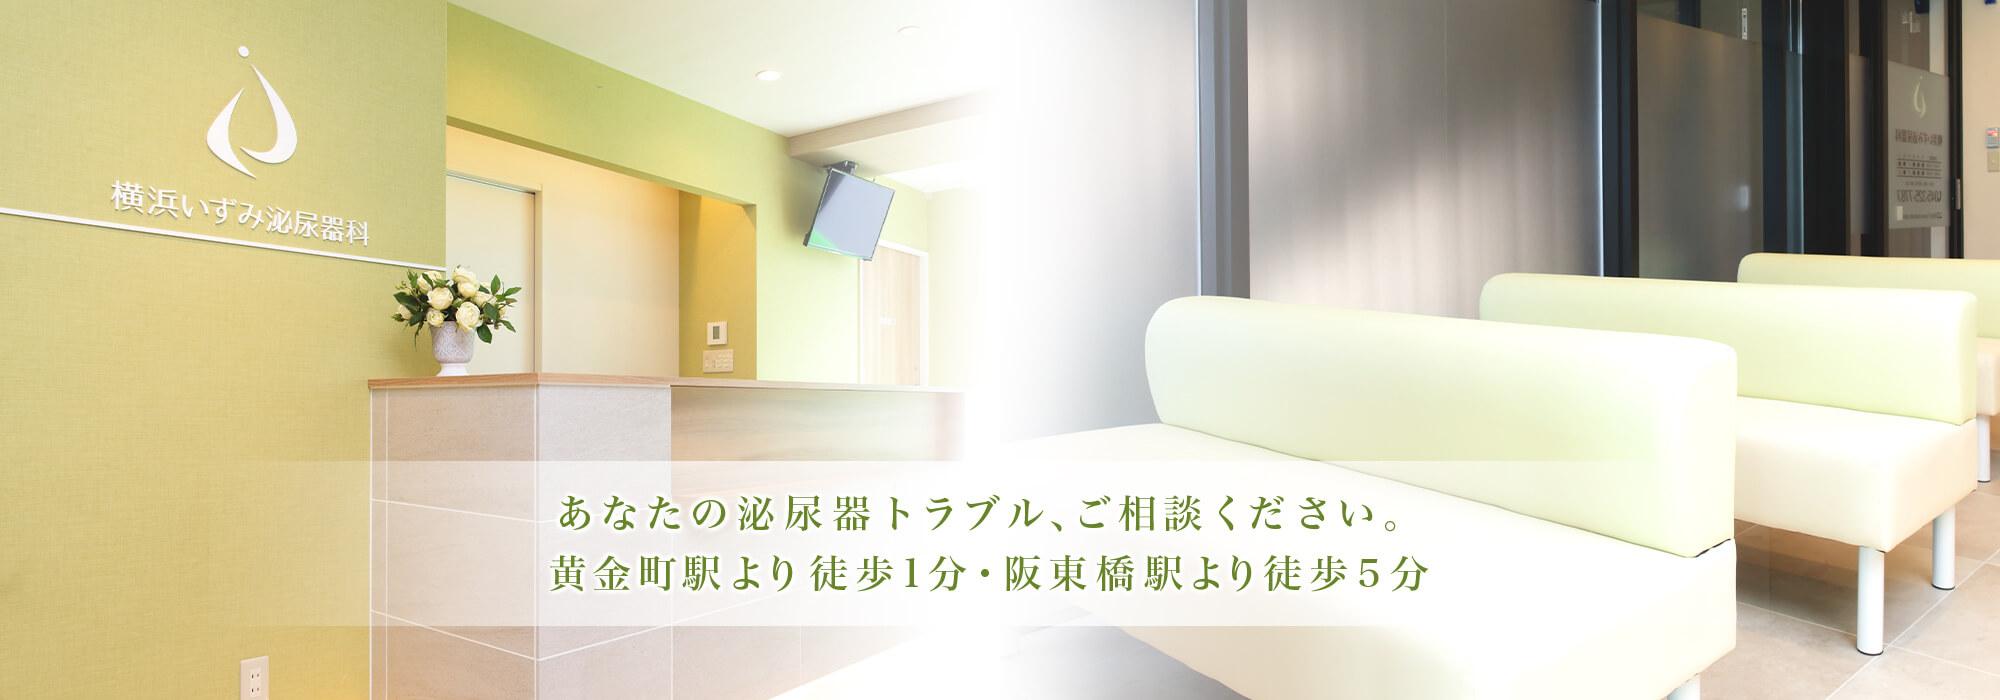 あなたの泌尿器トラブル、ご相談ください。黄金町駅より徒歩1分・阪東橋駅より徒歩5分